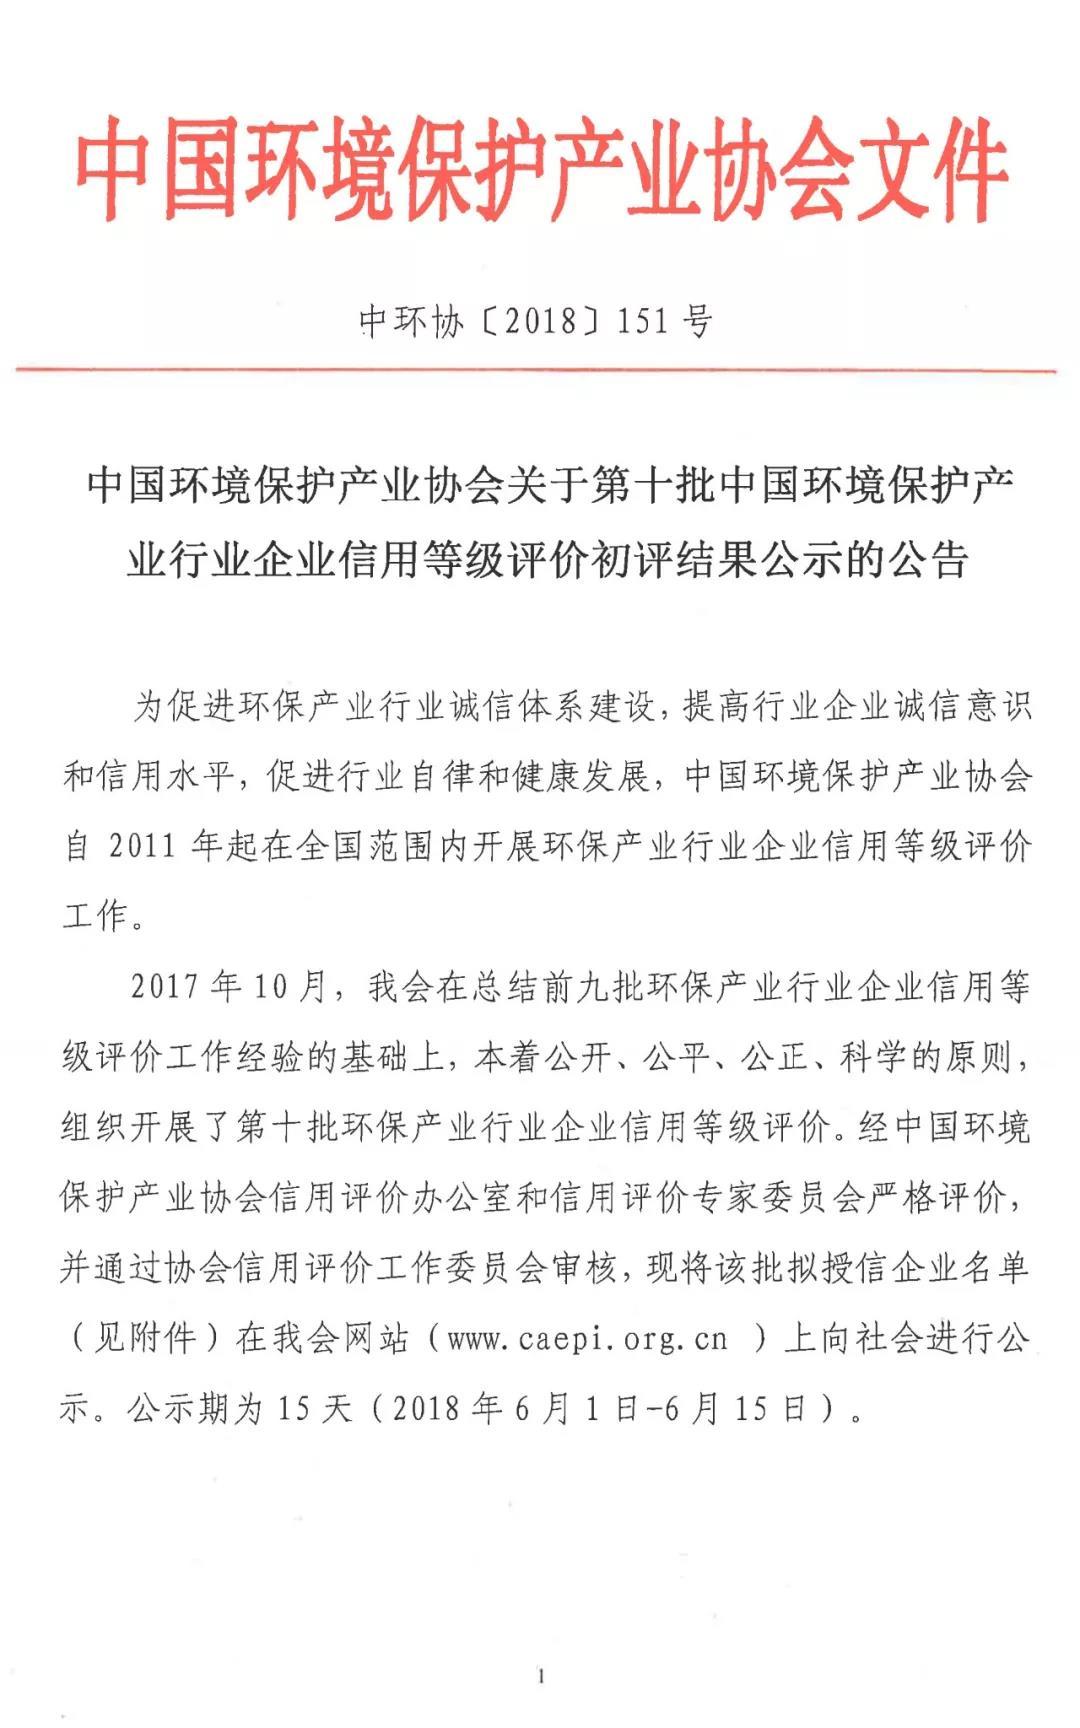 我司获中国环保产业协会企业信用评价等级AAA